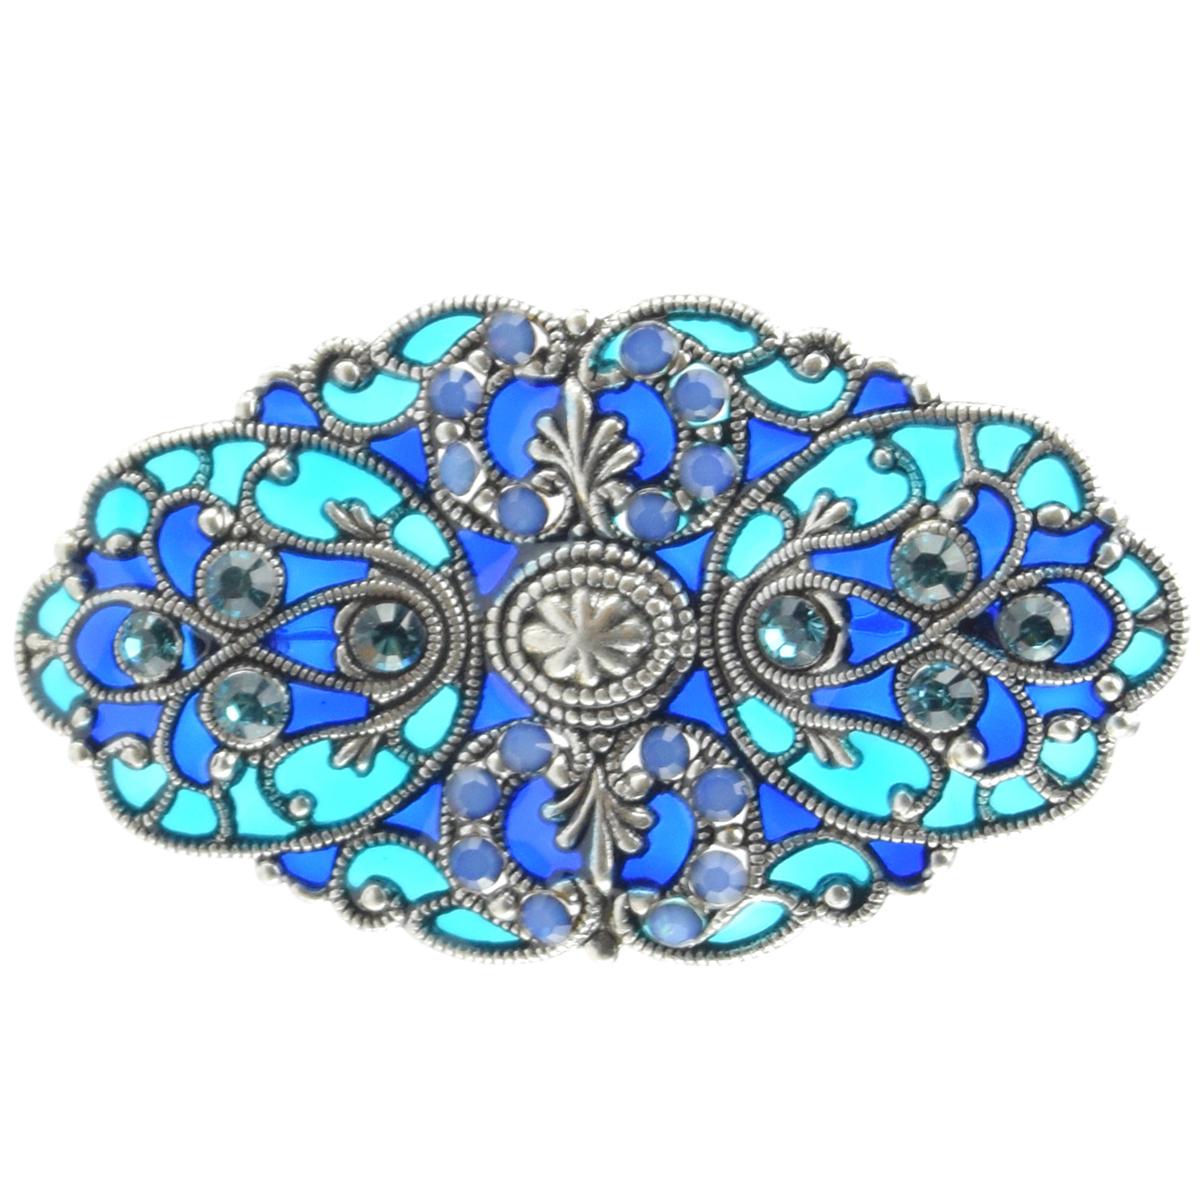 Broche artisanale \'Médicis\' bleu turquoise - 50x40 mm - [R0732]